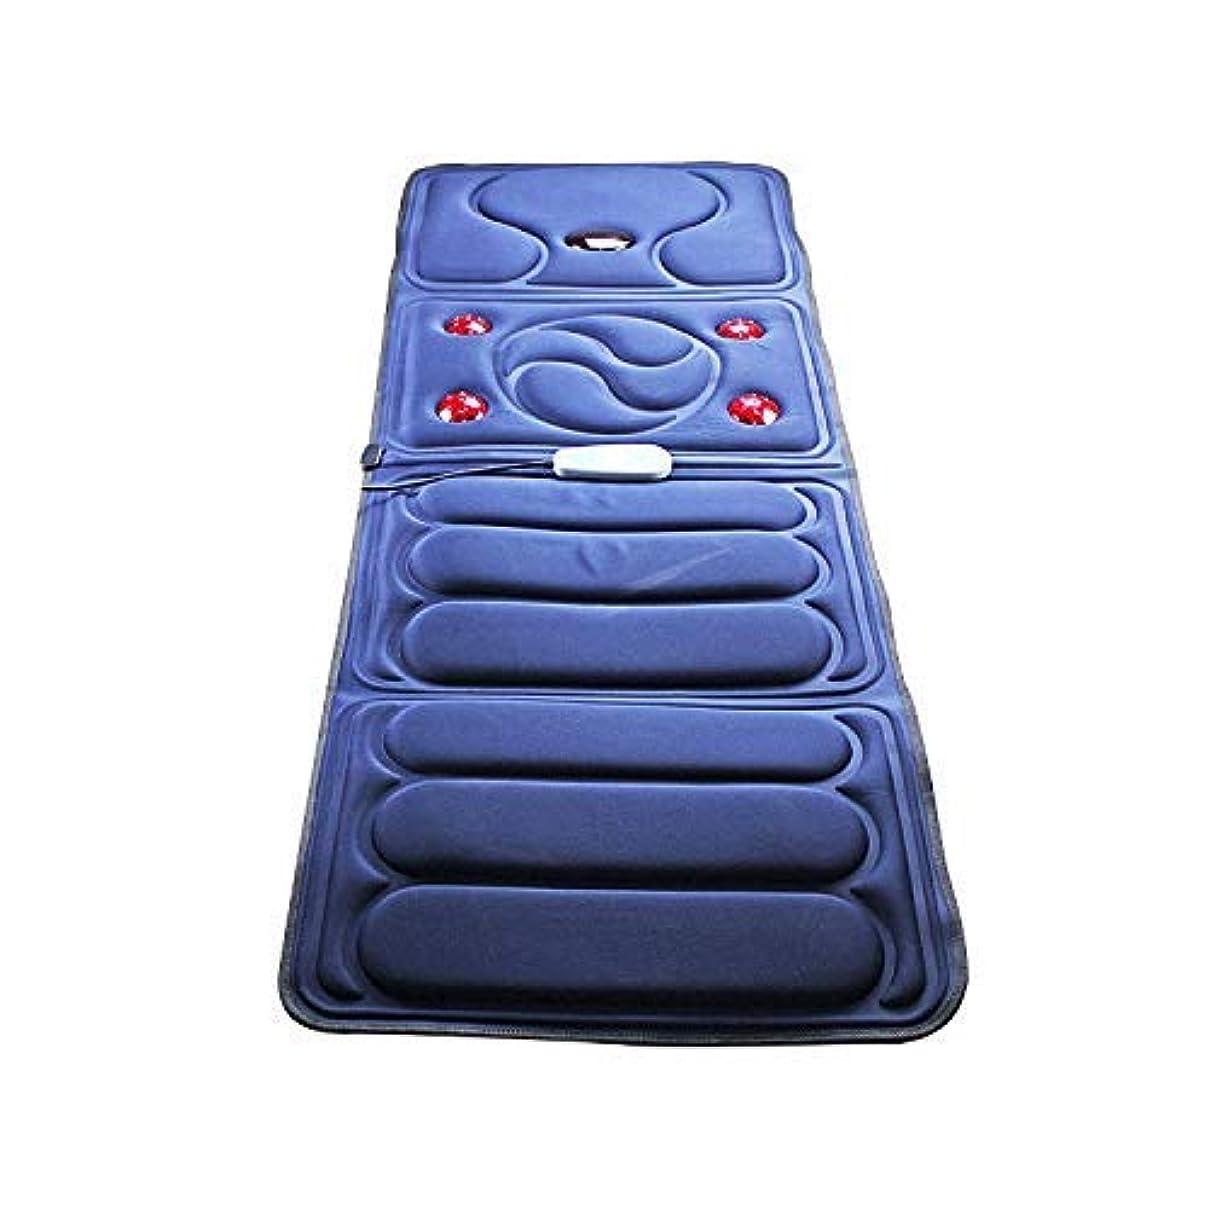 前投薬最少音声学折り畳み式全身マッサージブランケット中高年のヘルスケアマッサージクッション多機能加熱ショックマッサージクッション家庭用マッサージ機器,ブルー